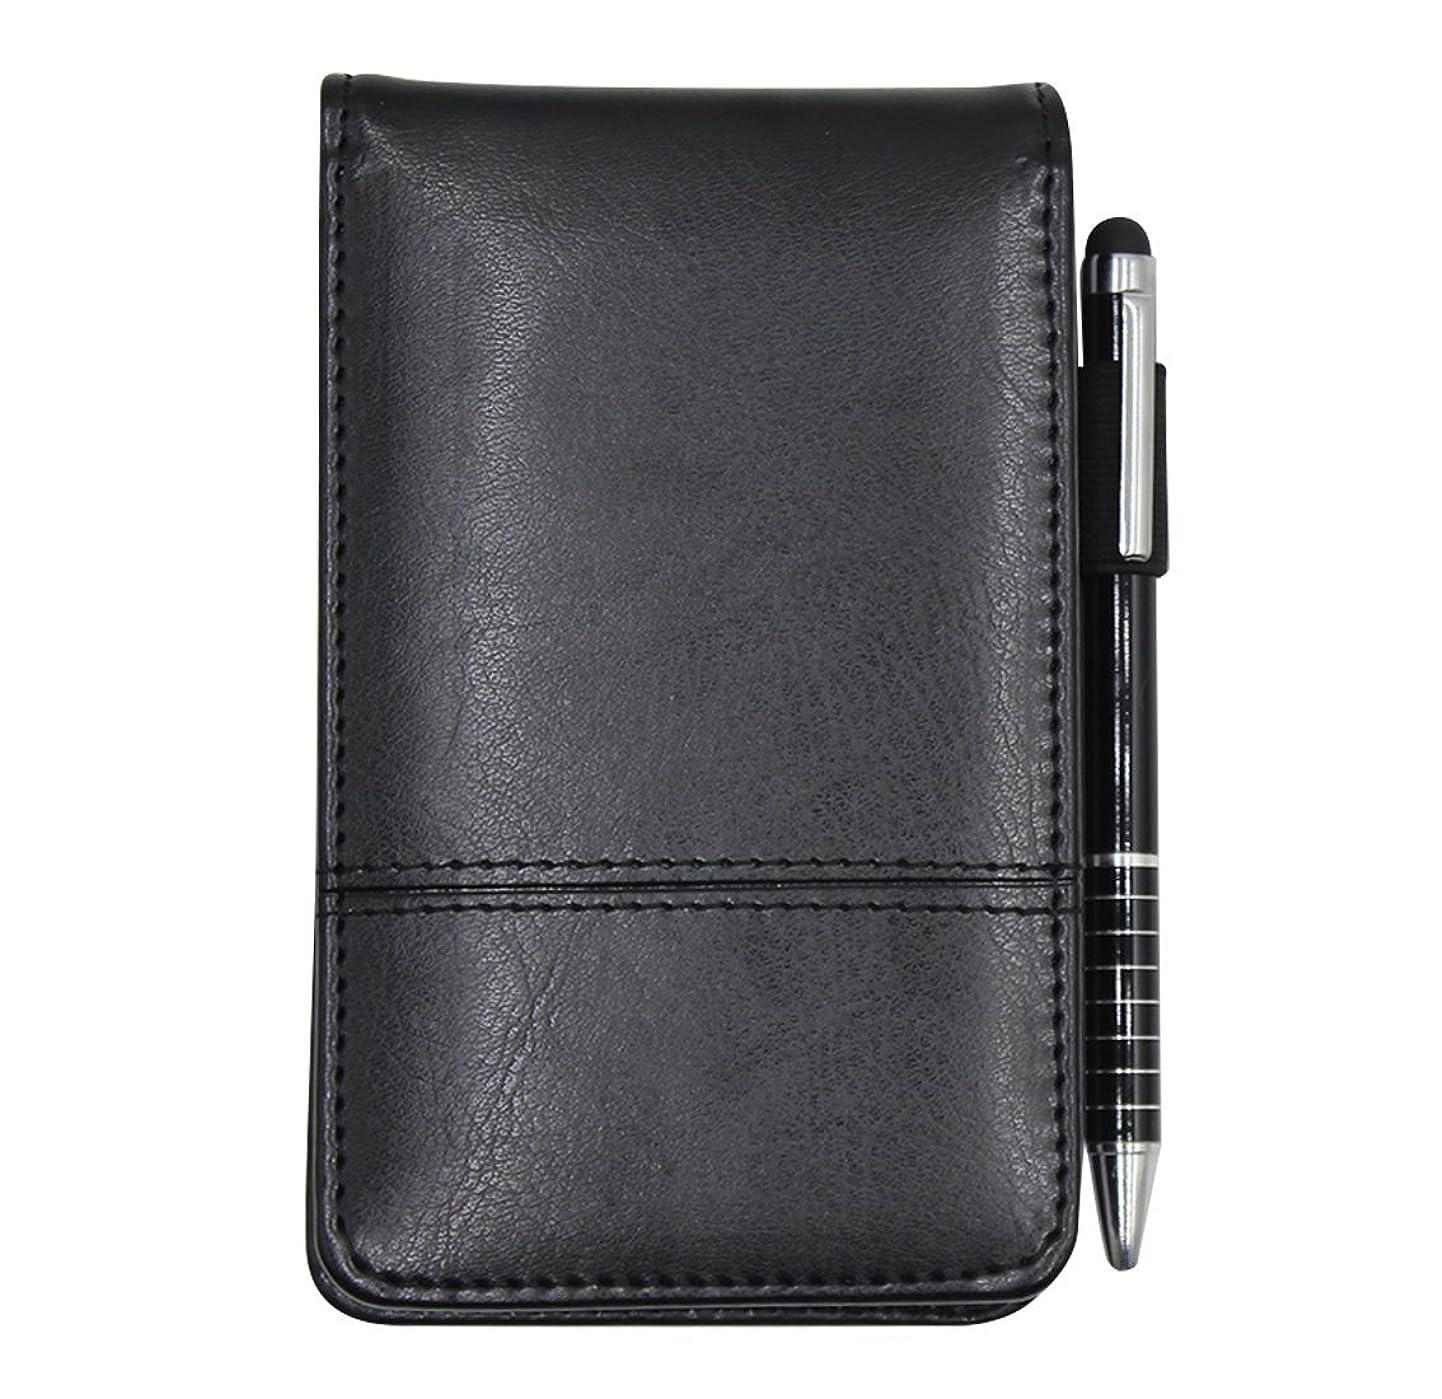 葉を集めるあまりにも導出小さなポケットPUレザービジネスノートブックカバーJotter多機能a7ミニメモ帳8デジタル電卓、30ページwith Note用紙、0.7メタル回転ペン、とペンホルダー